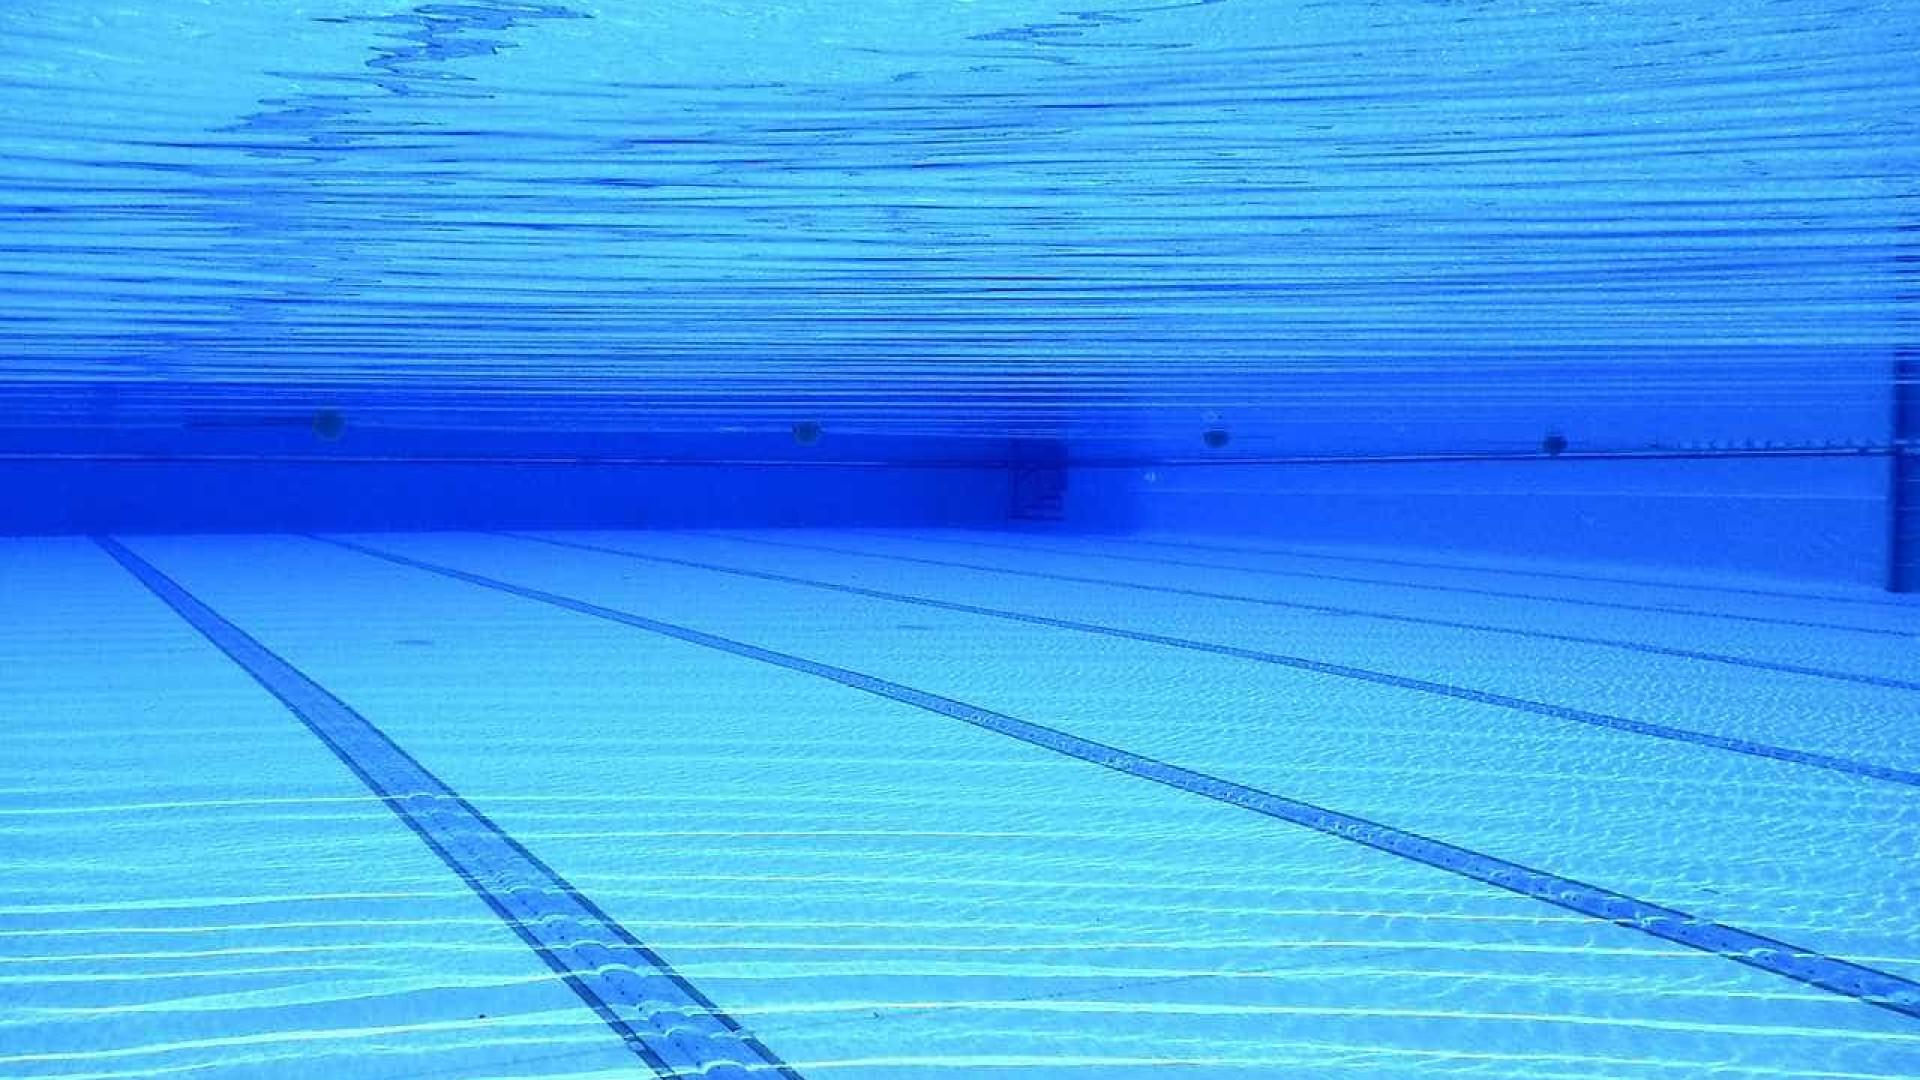 Homem é salvo após se afogar e ficar 25 minutos sem sinais vitais